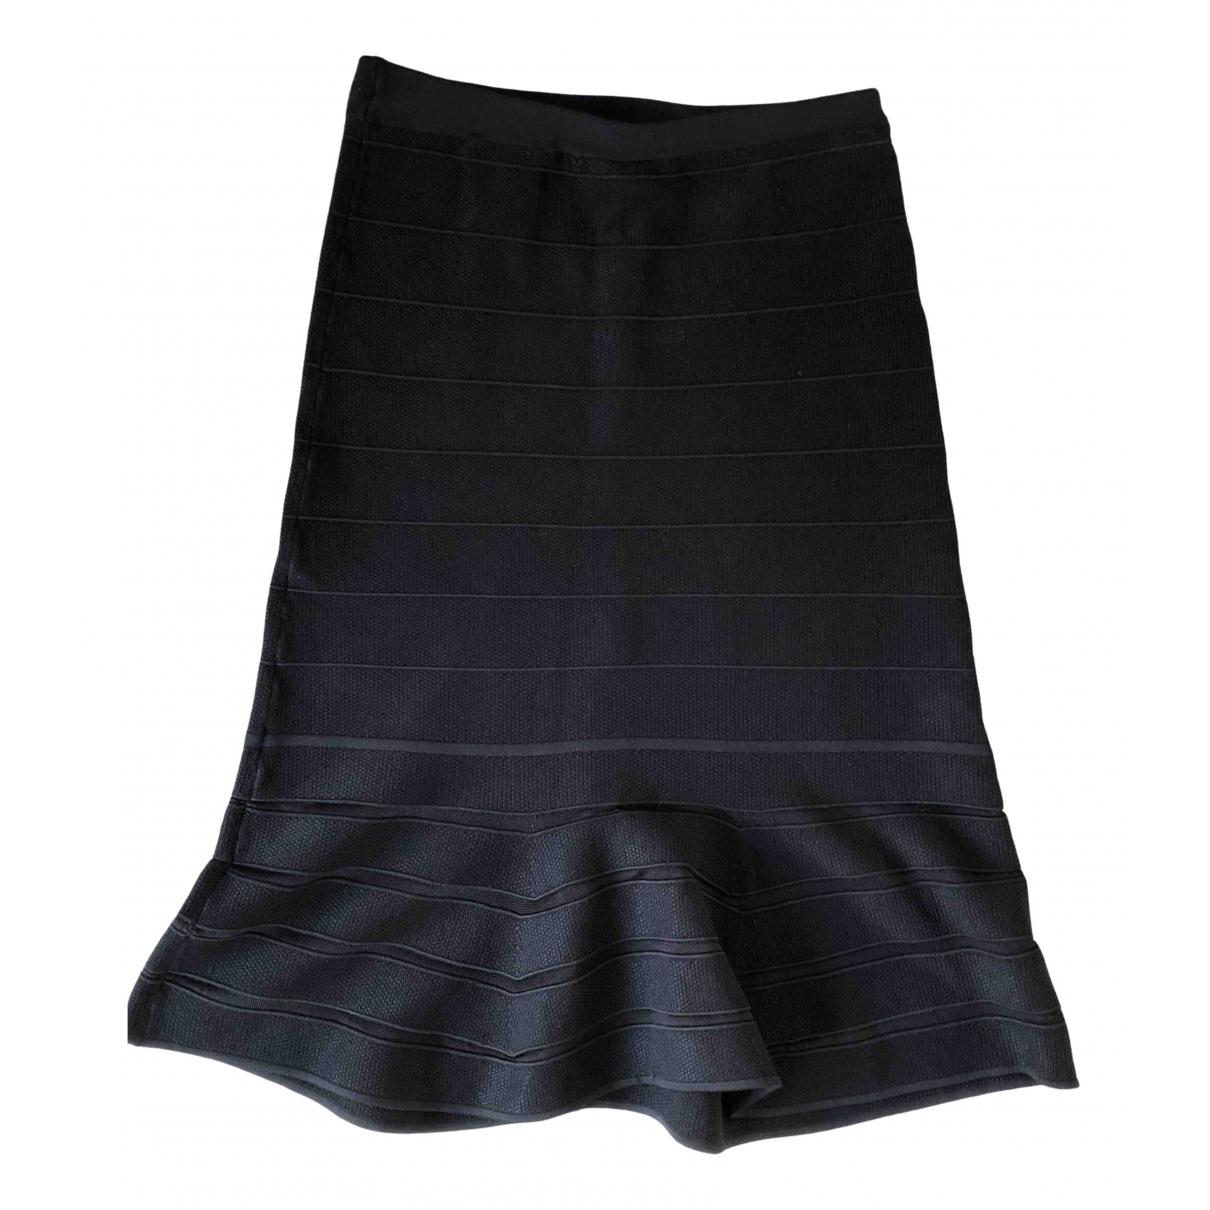 Sandro \N Black skirt for Women 1 US